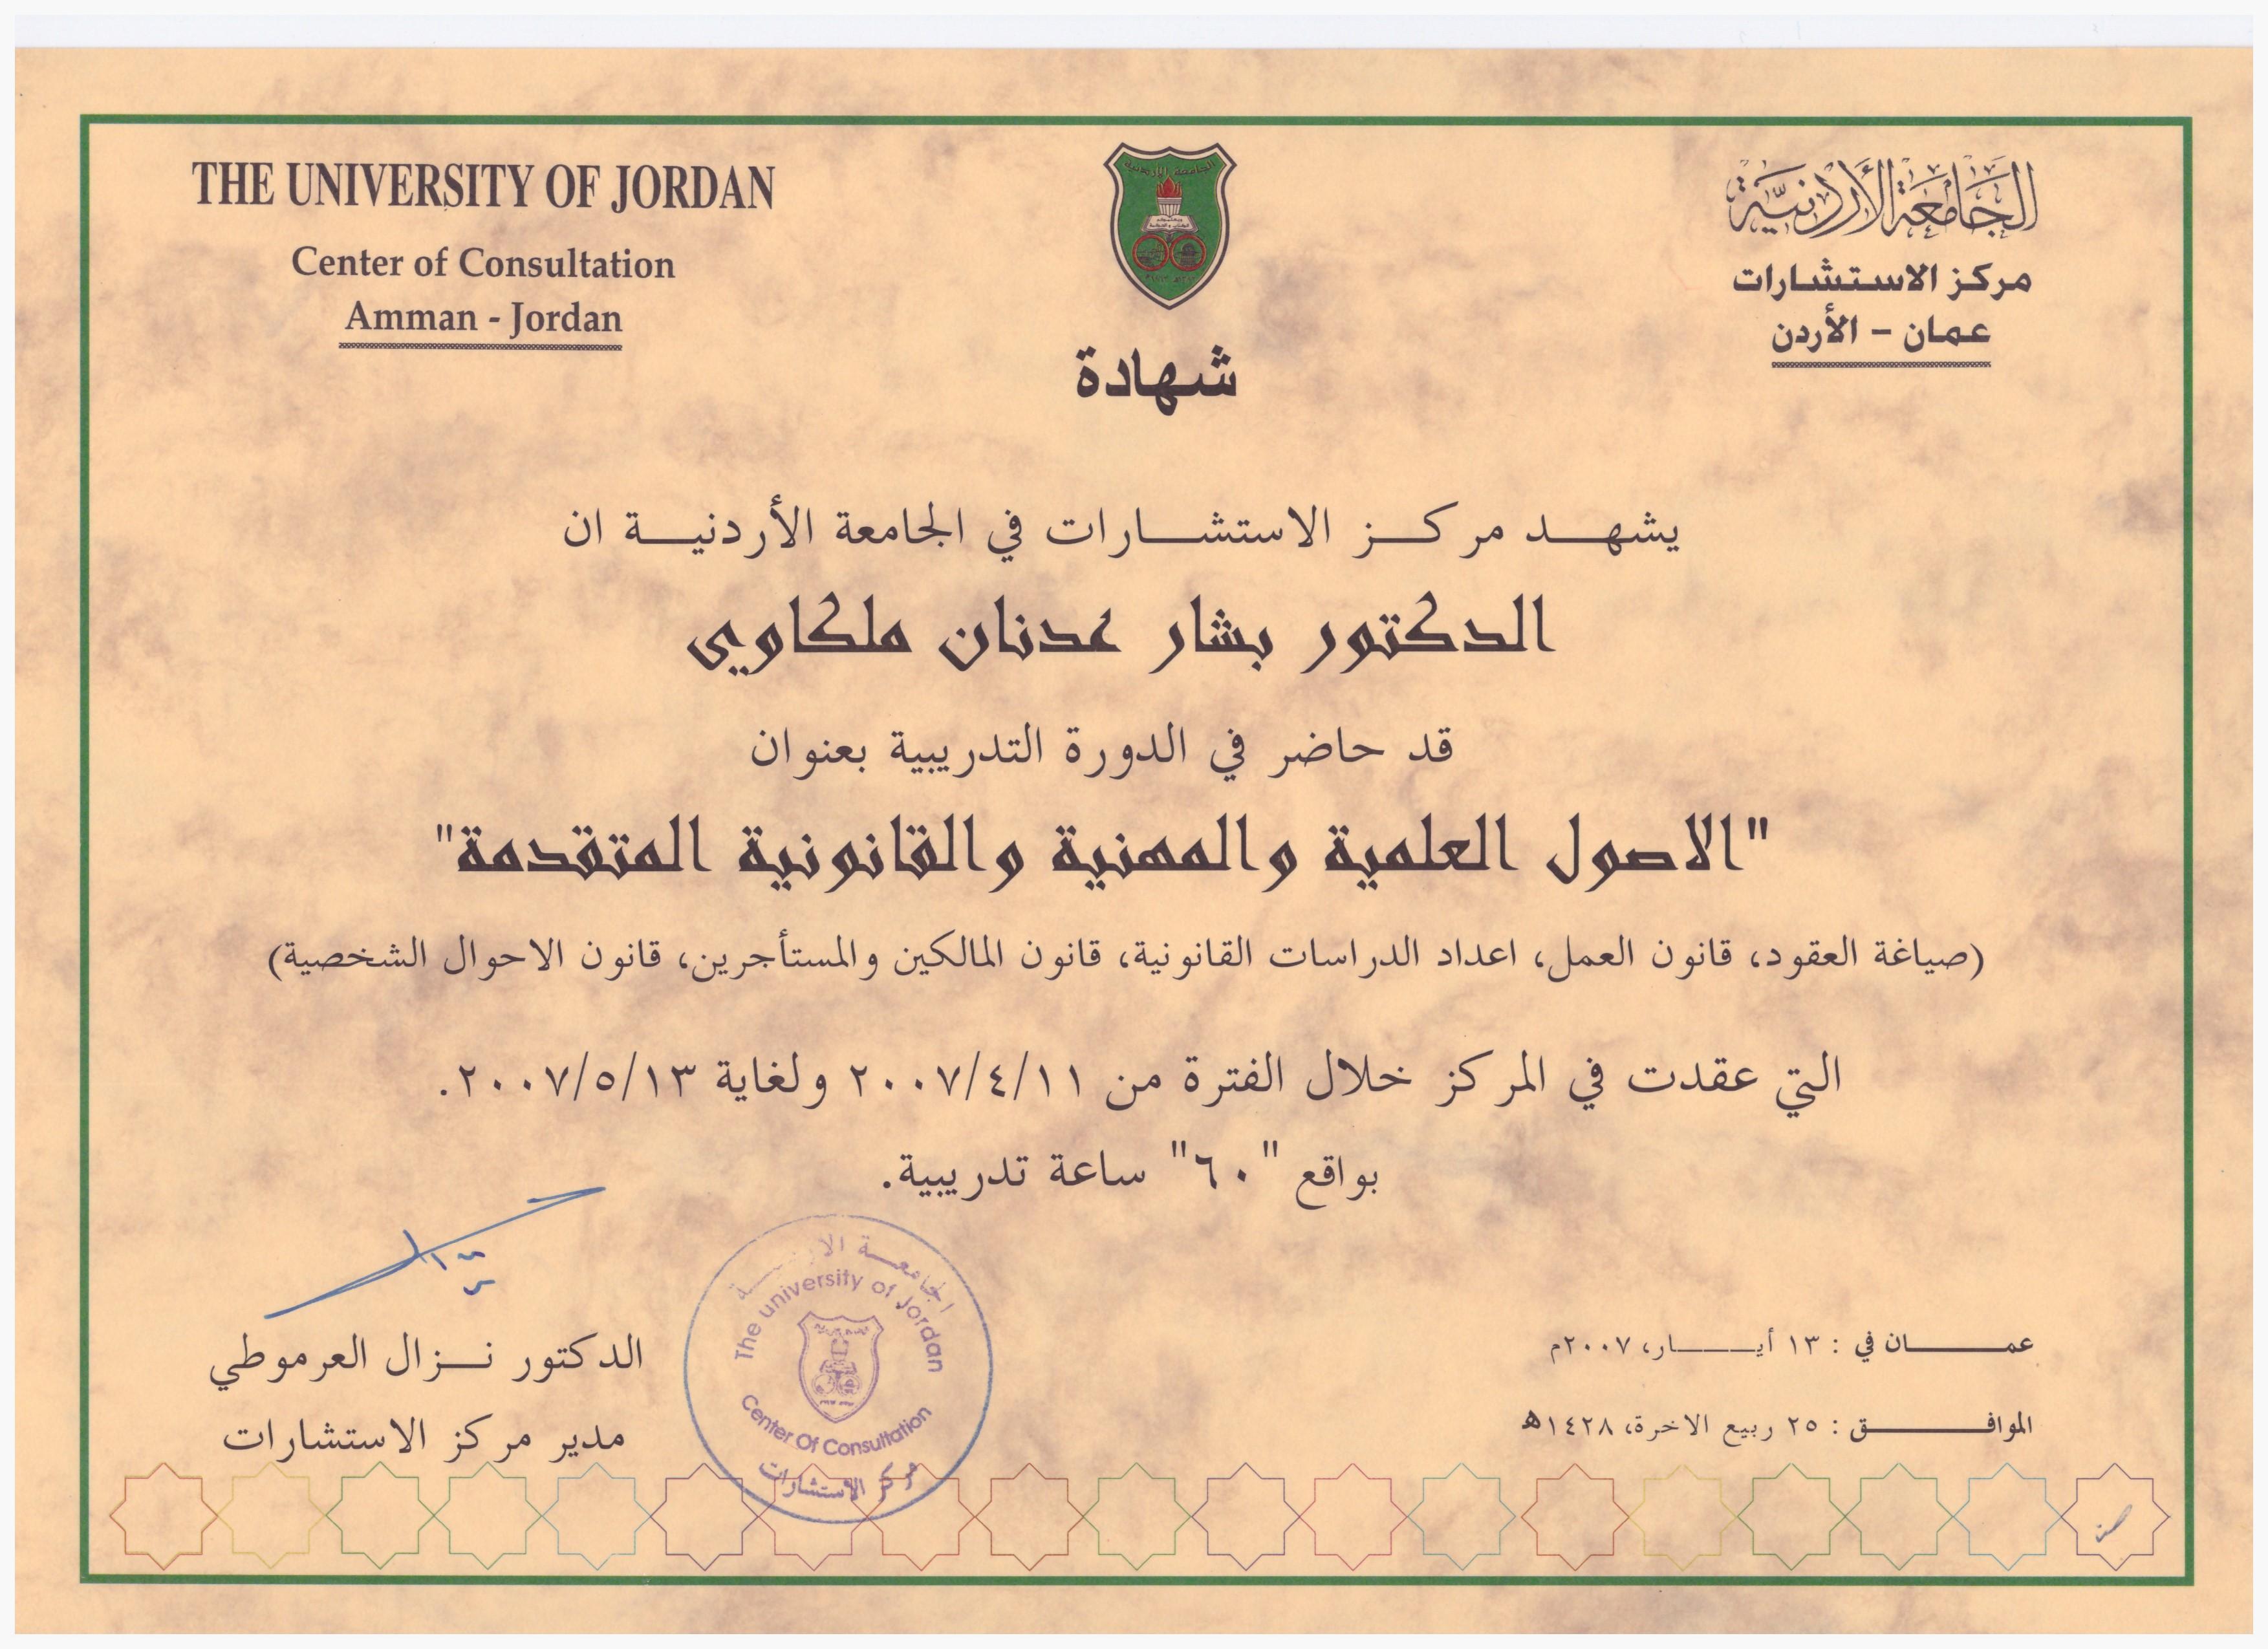 شهادة حضور دورة في الاصول العلمية والمهنية والقانونية المتقدمة